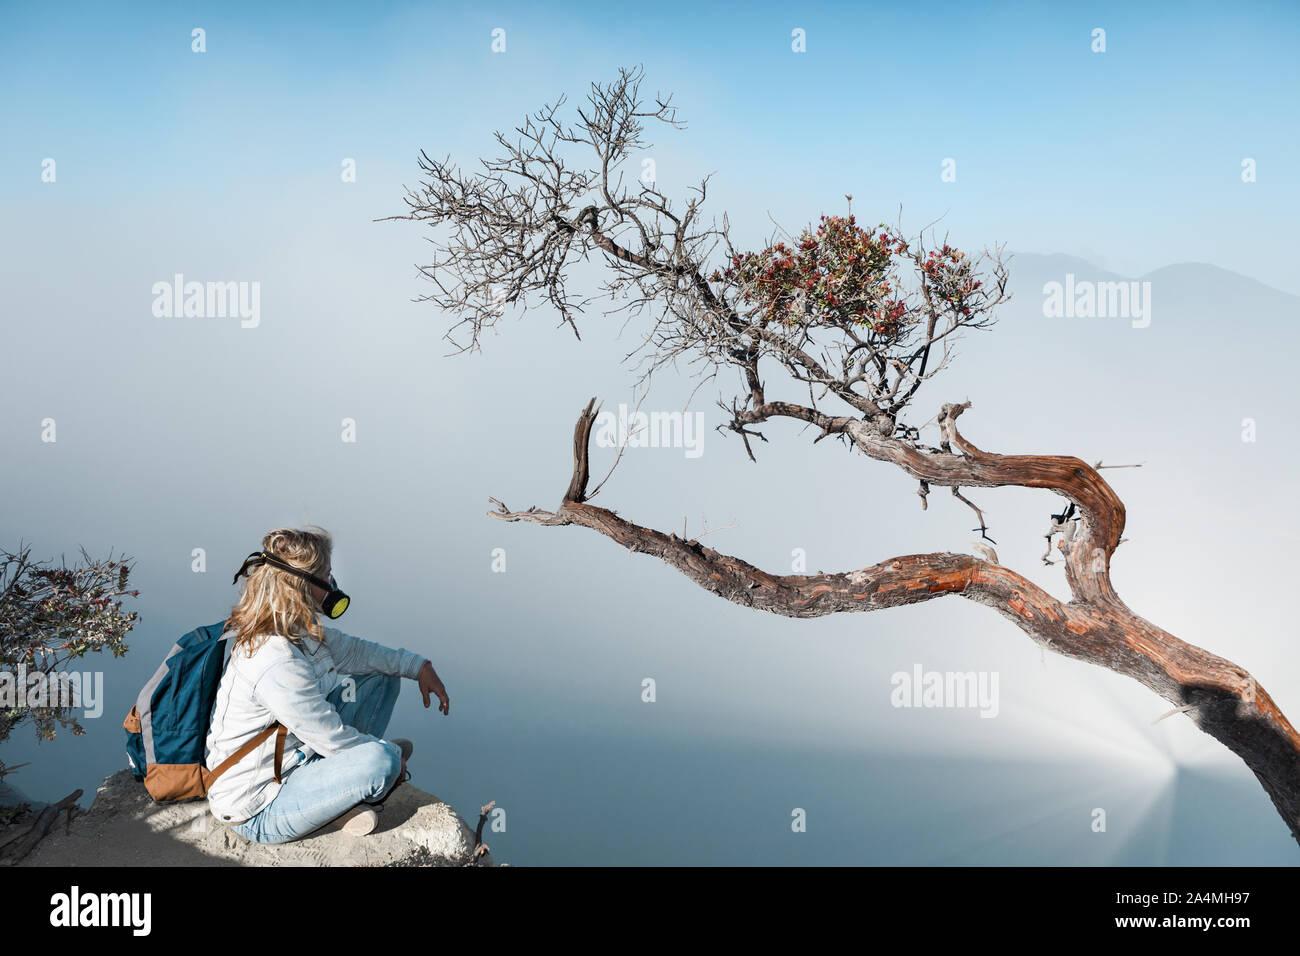 Junge Frau in Schutzmaske auf dem Gipfel des aktiven Vulkan Kawah Ijen Krater oben Säure See mit giftigen Dämpfe. Beliebtes Reiseziel. Stockfoto